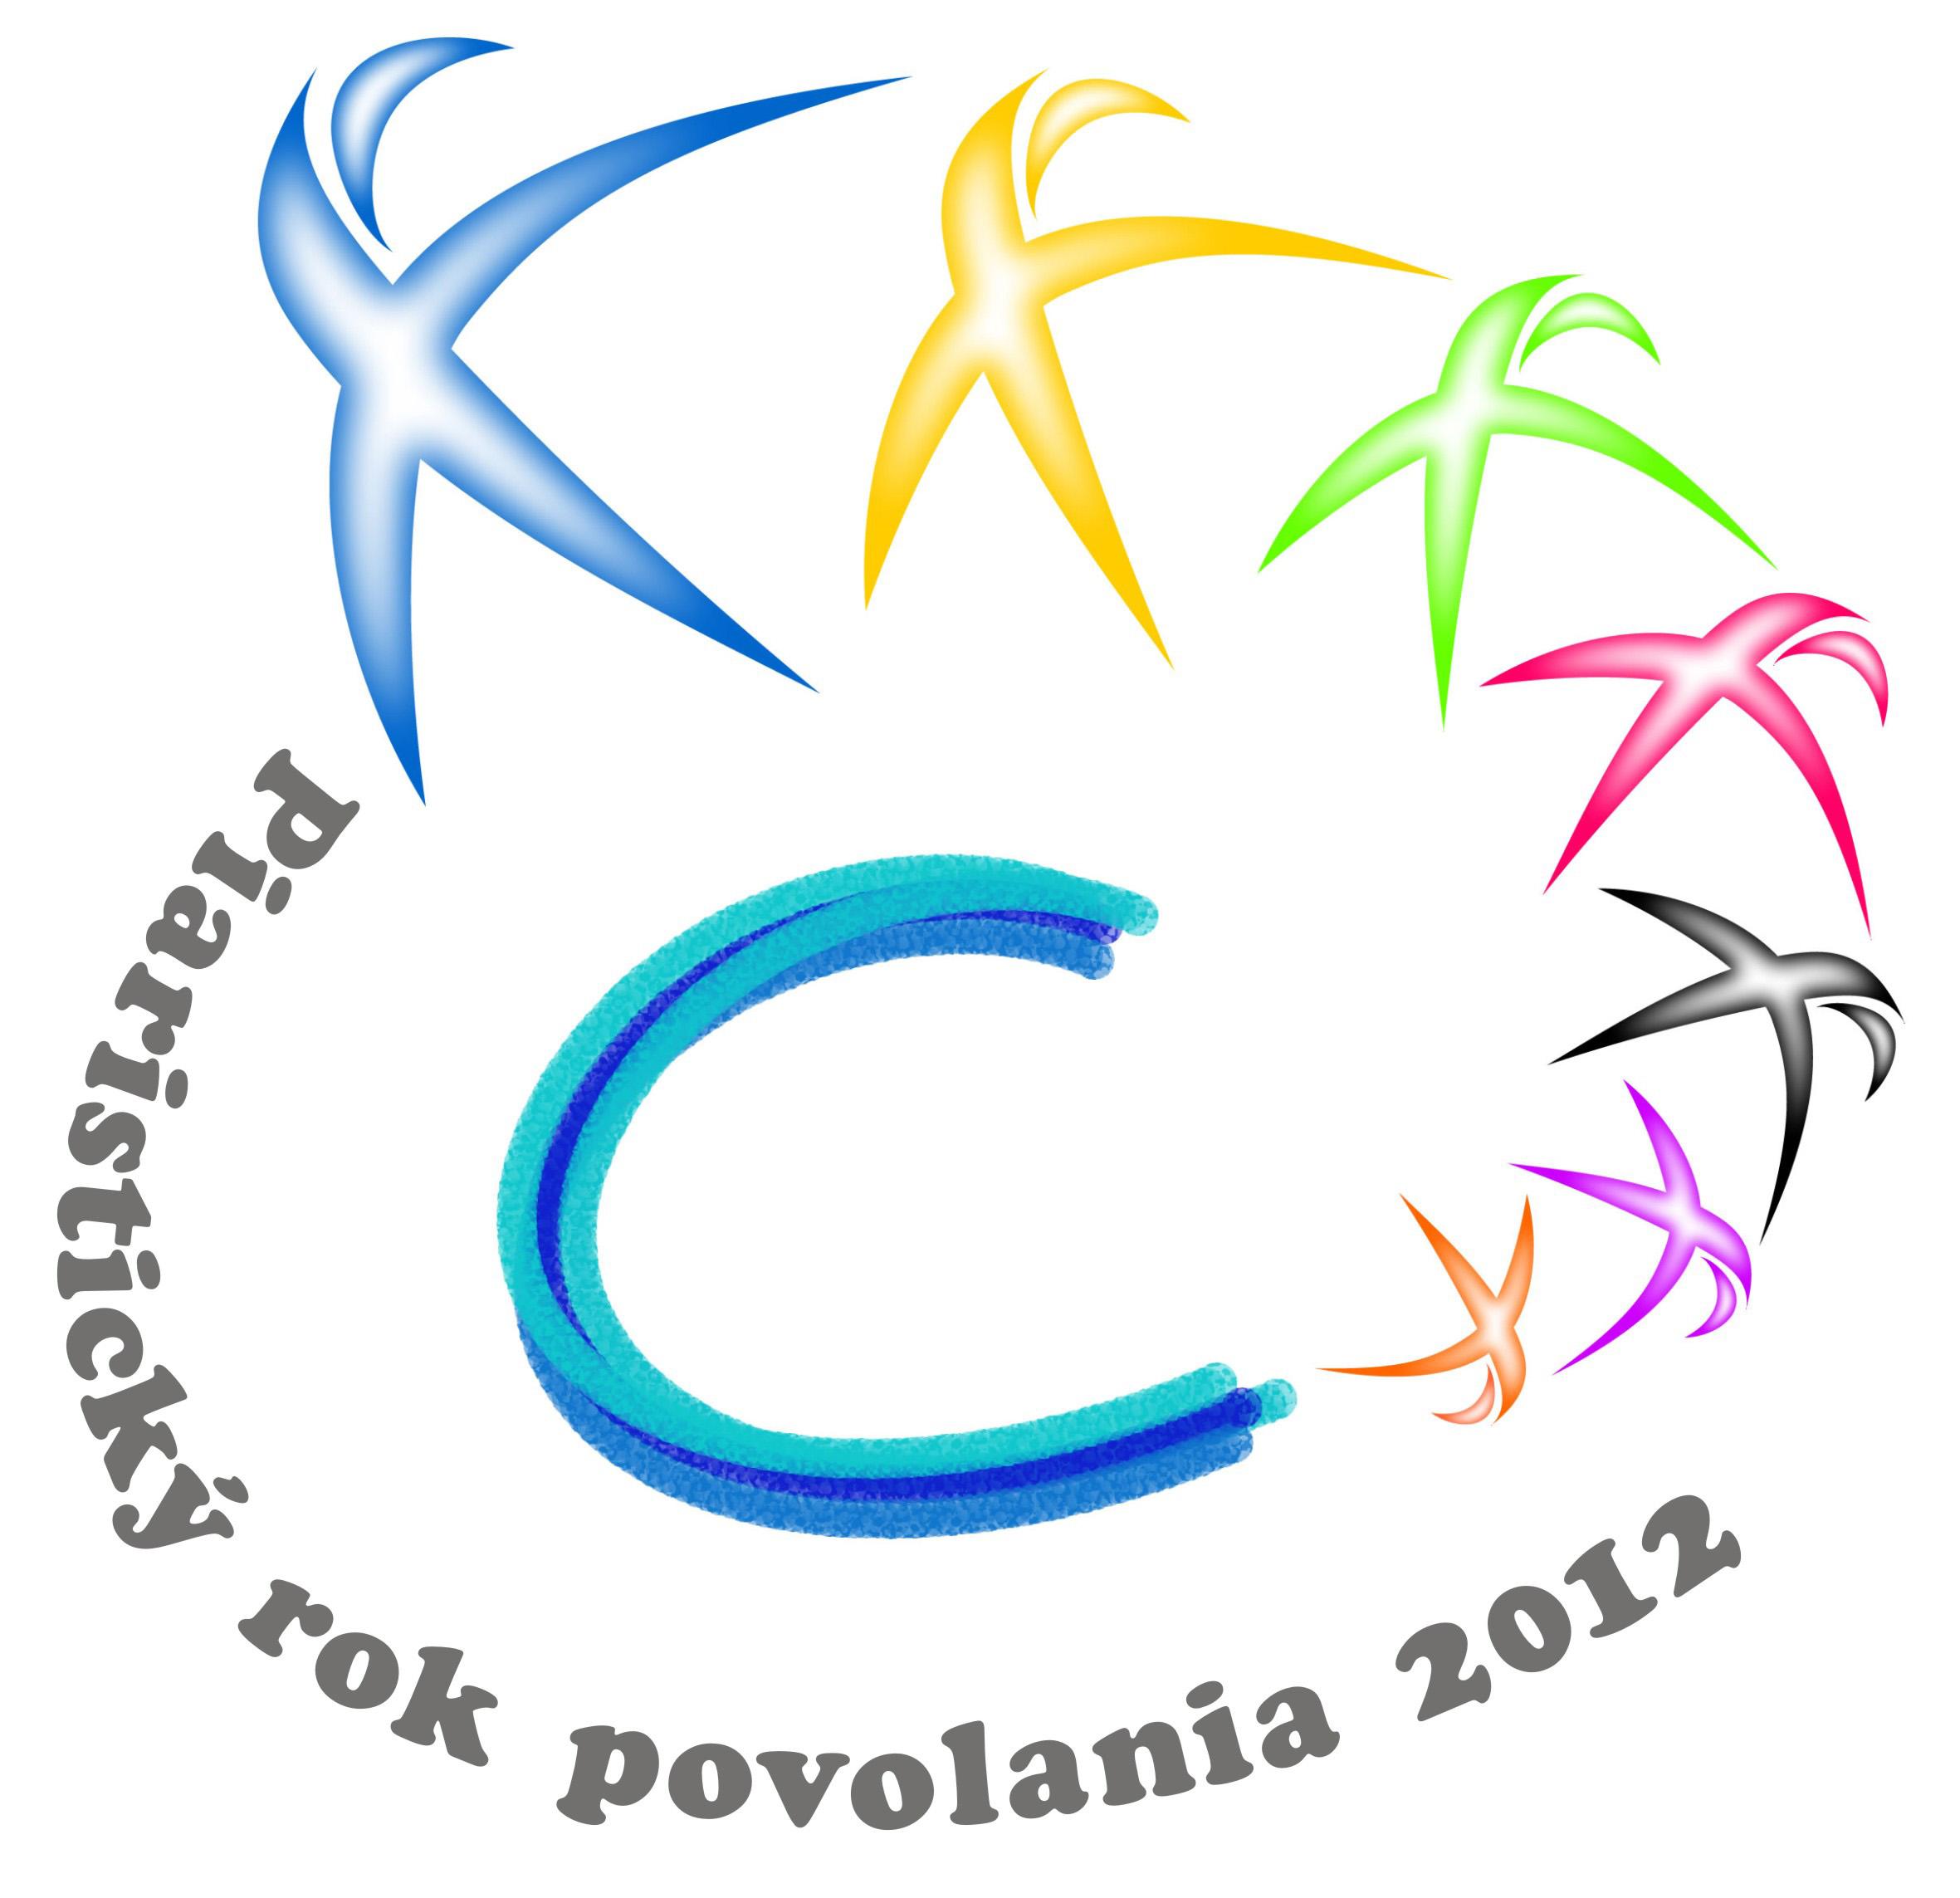 Otvorenie Piaristického roku povolania 2012